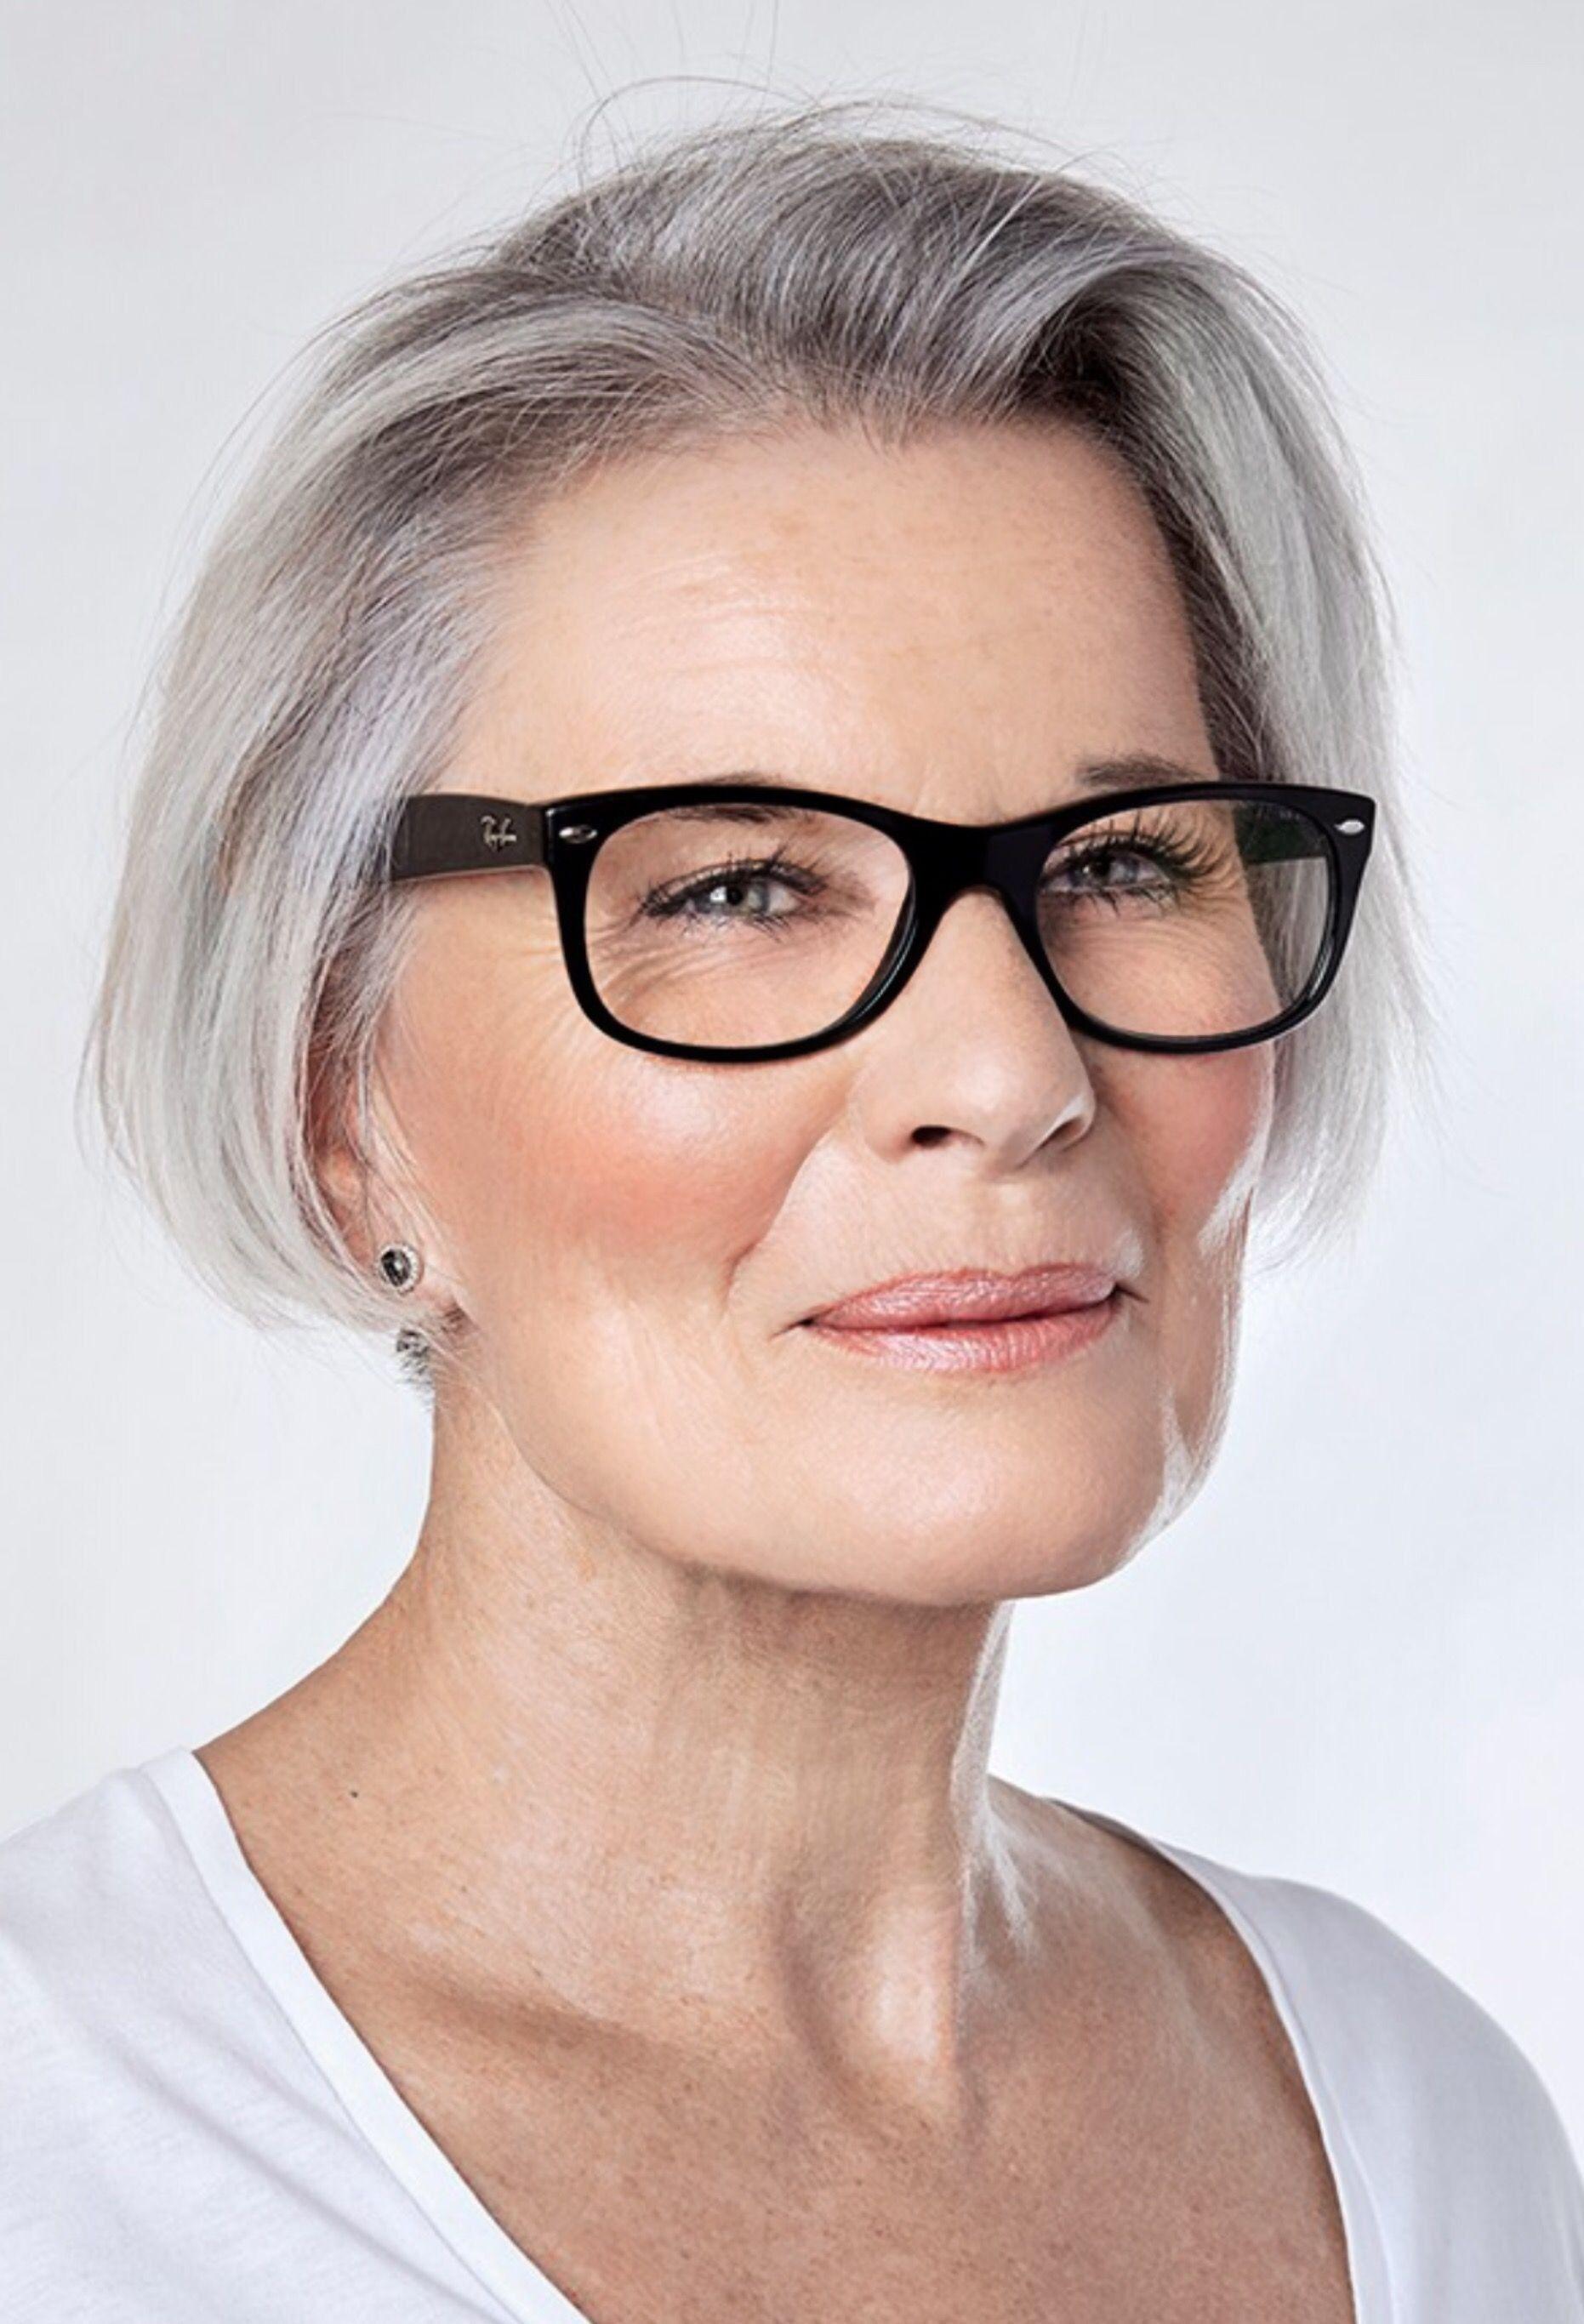 Épinglé sur Femme à 50 ans